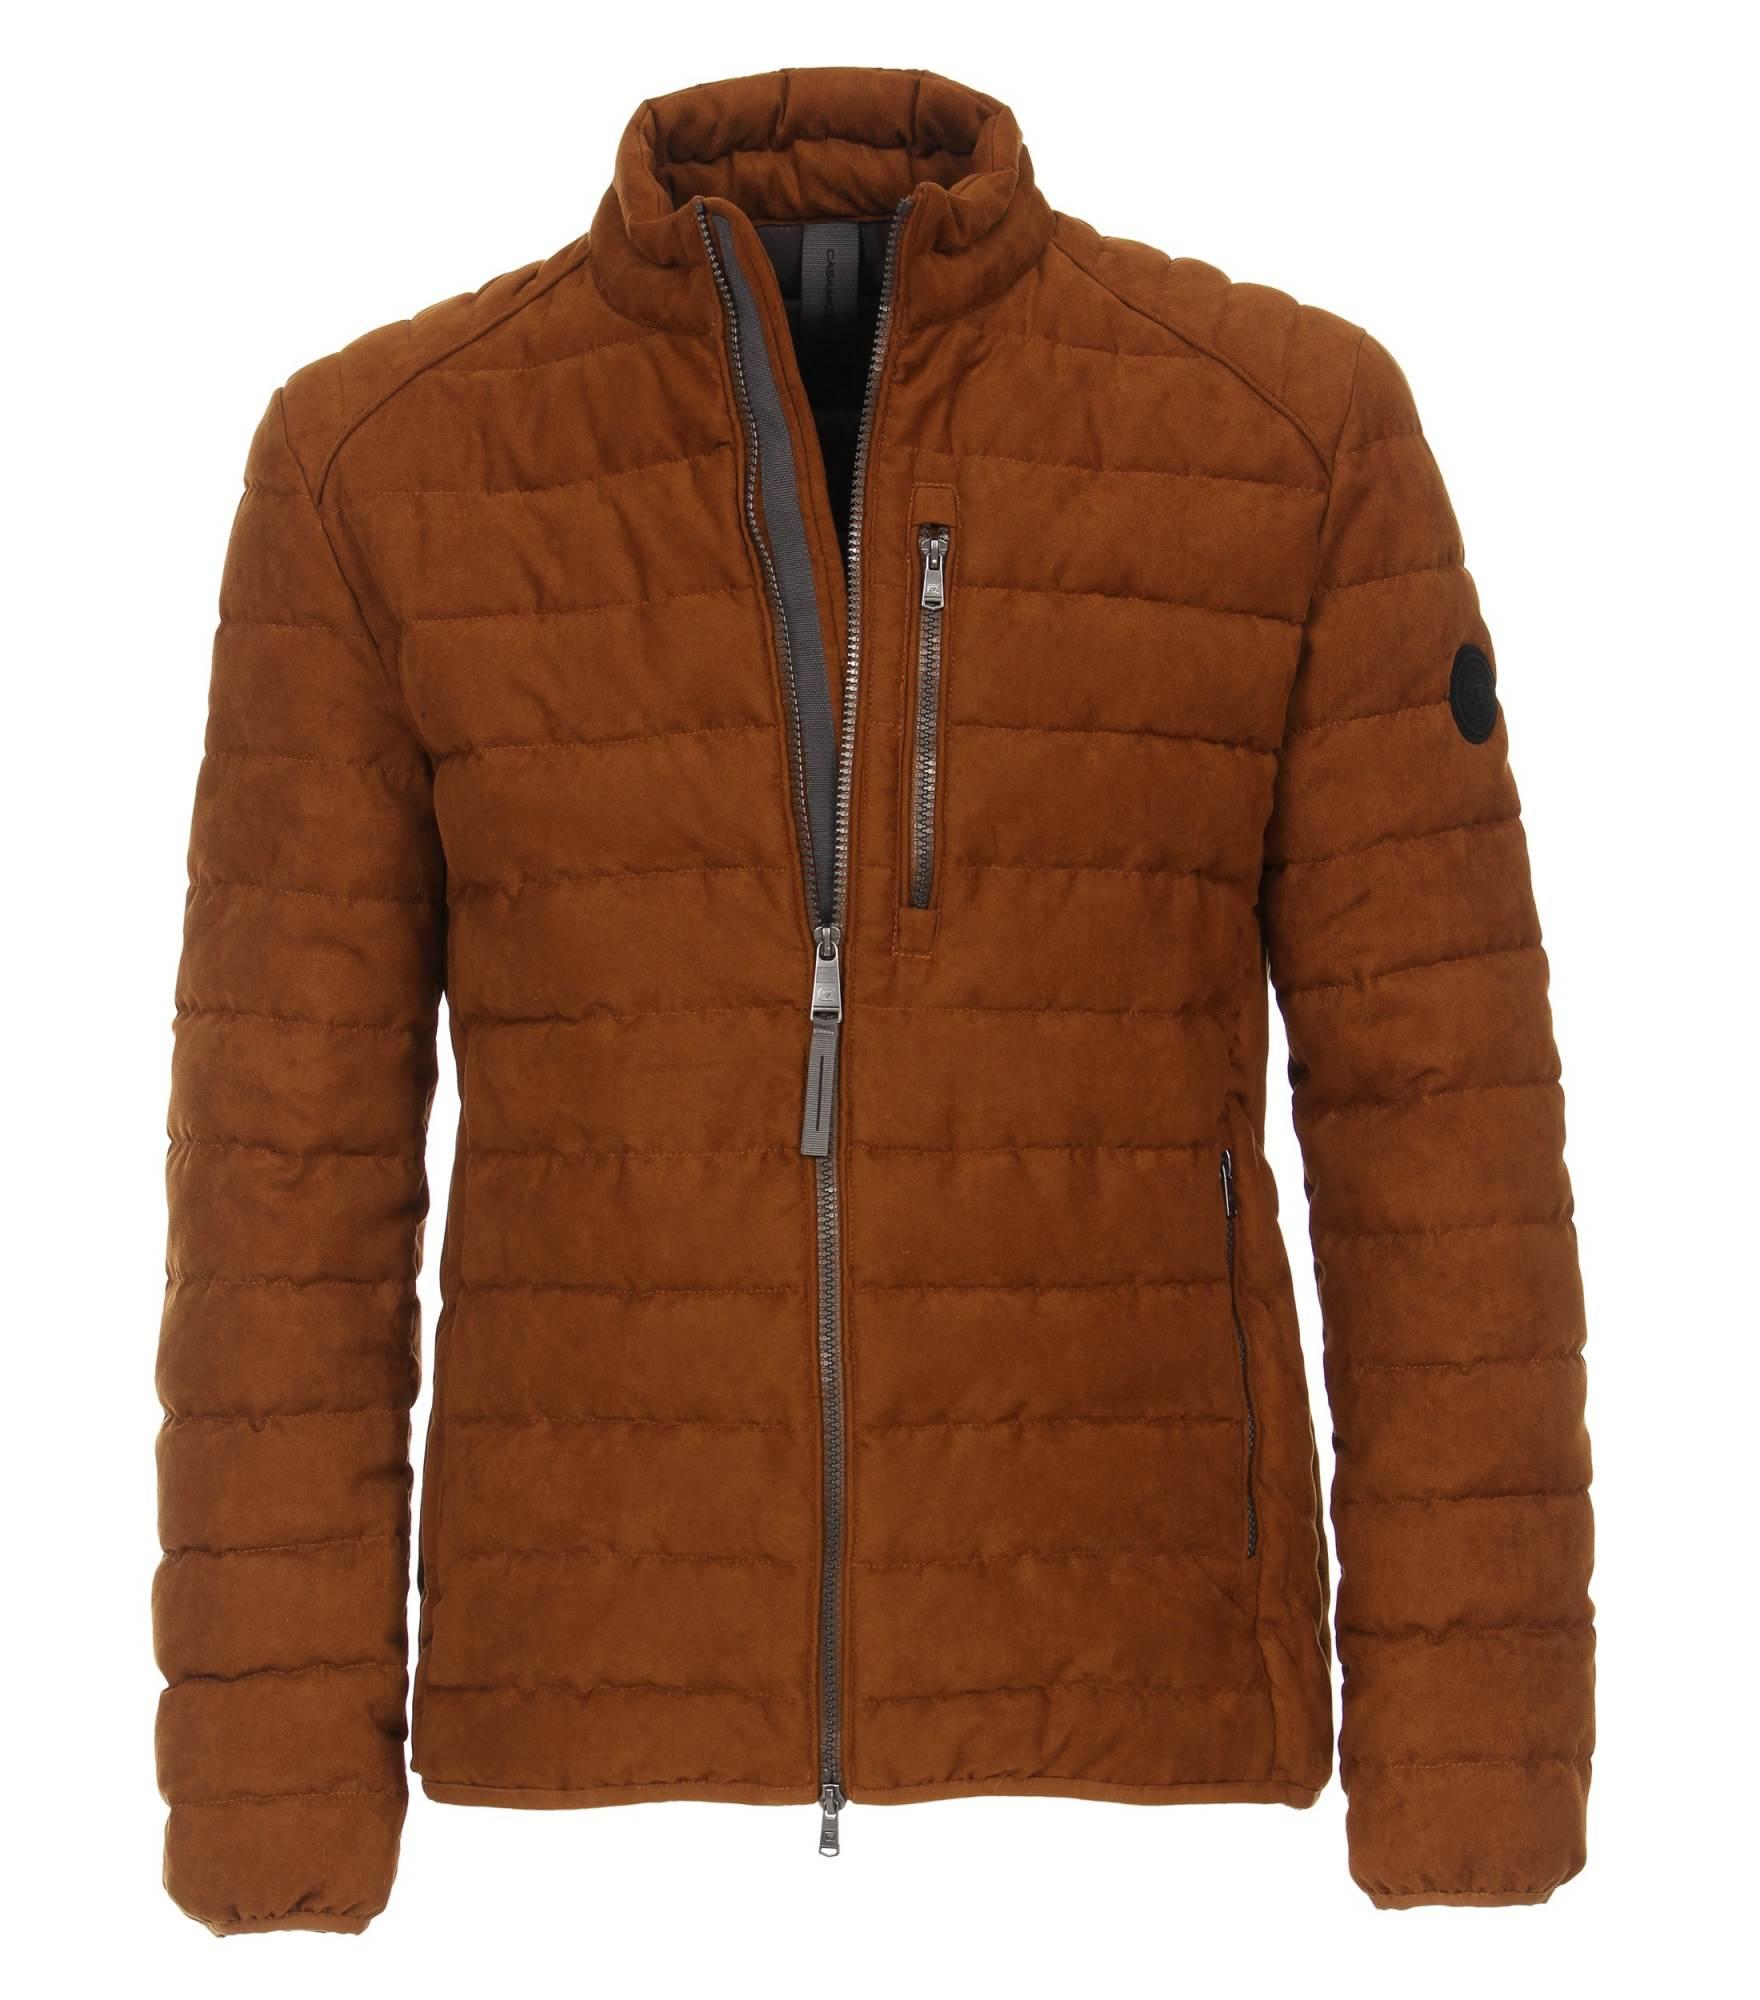 513712100 619 Rust - - Con Murphys Menswear